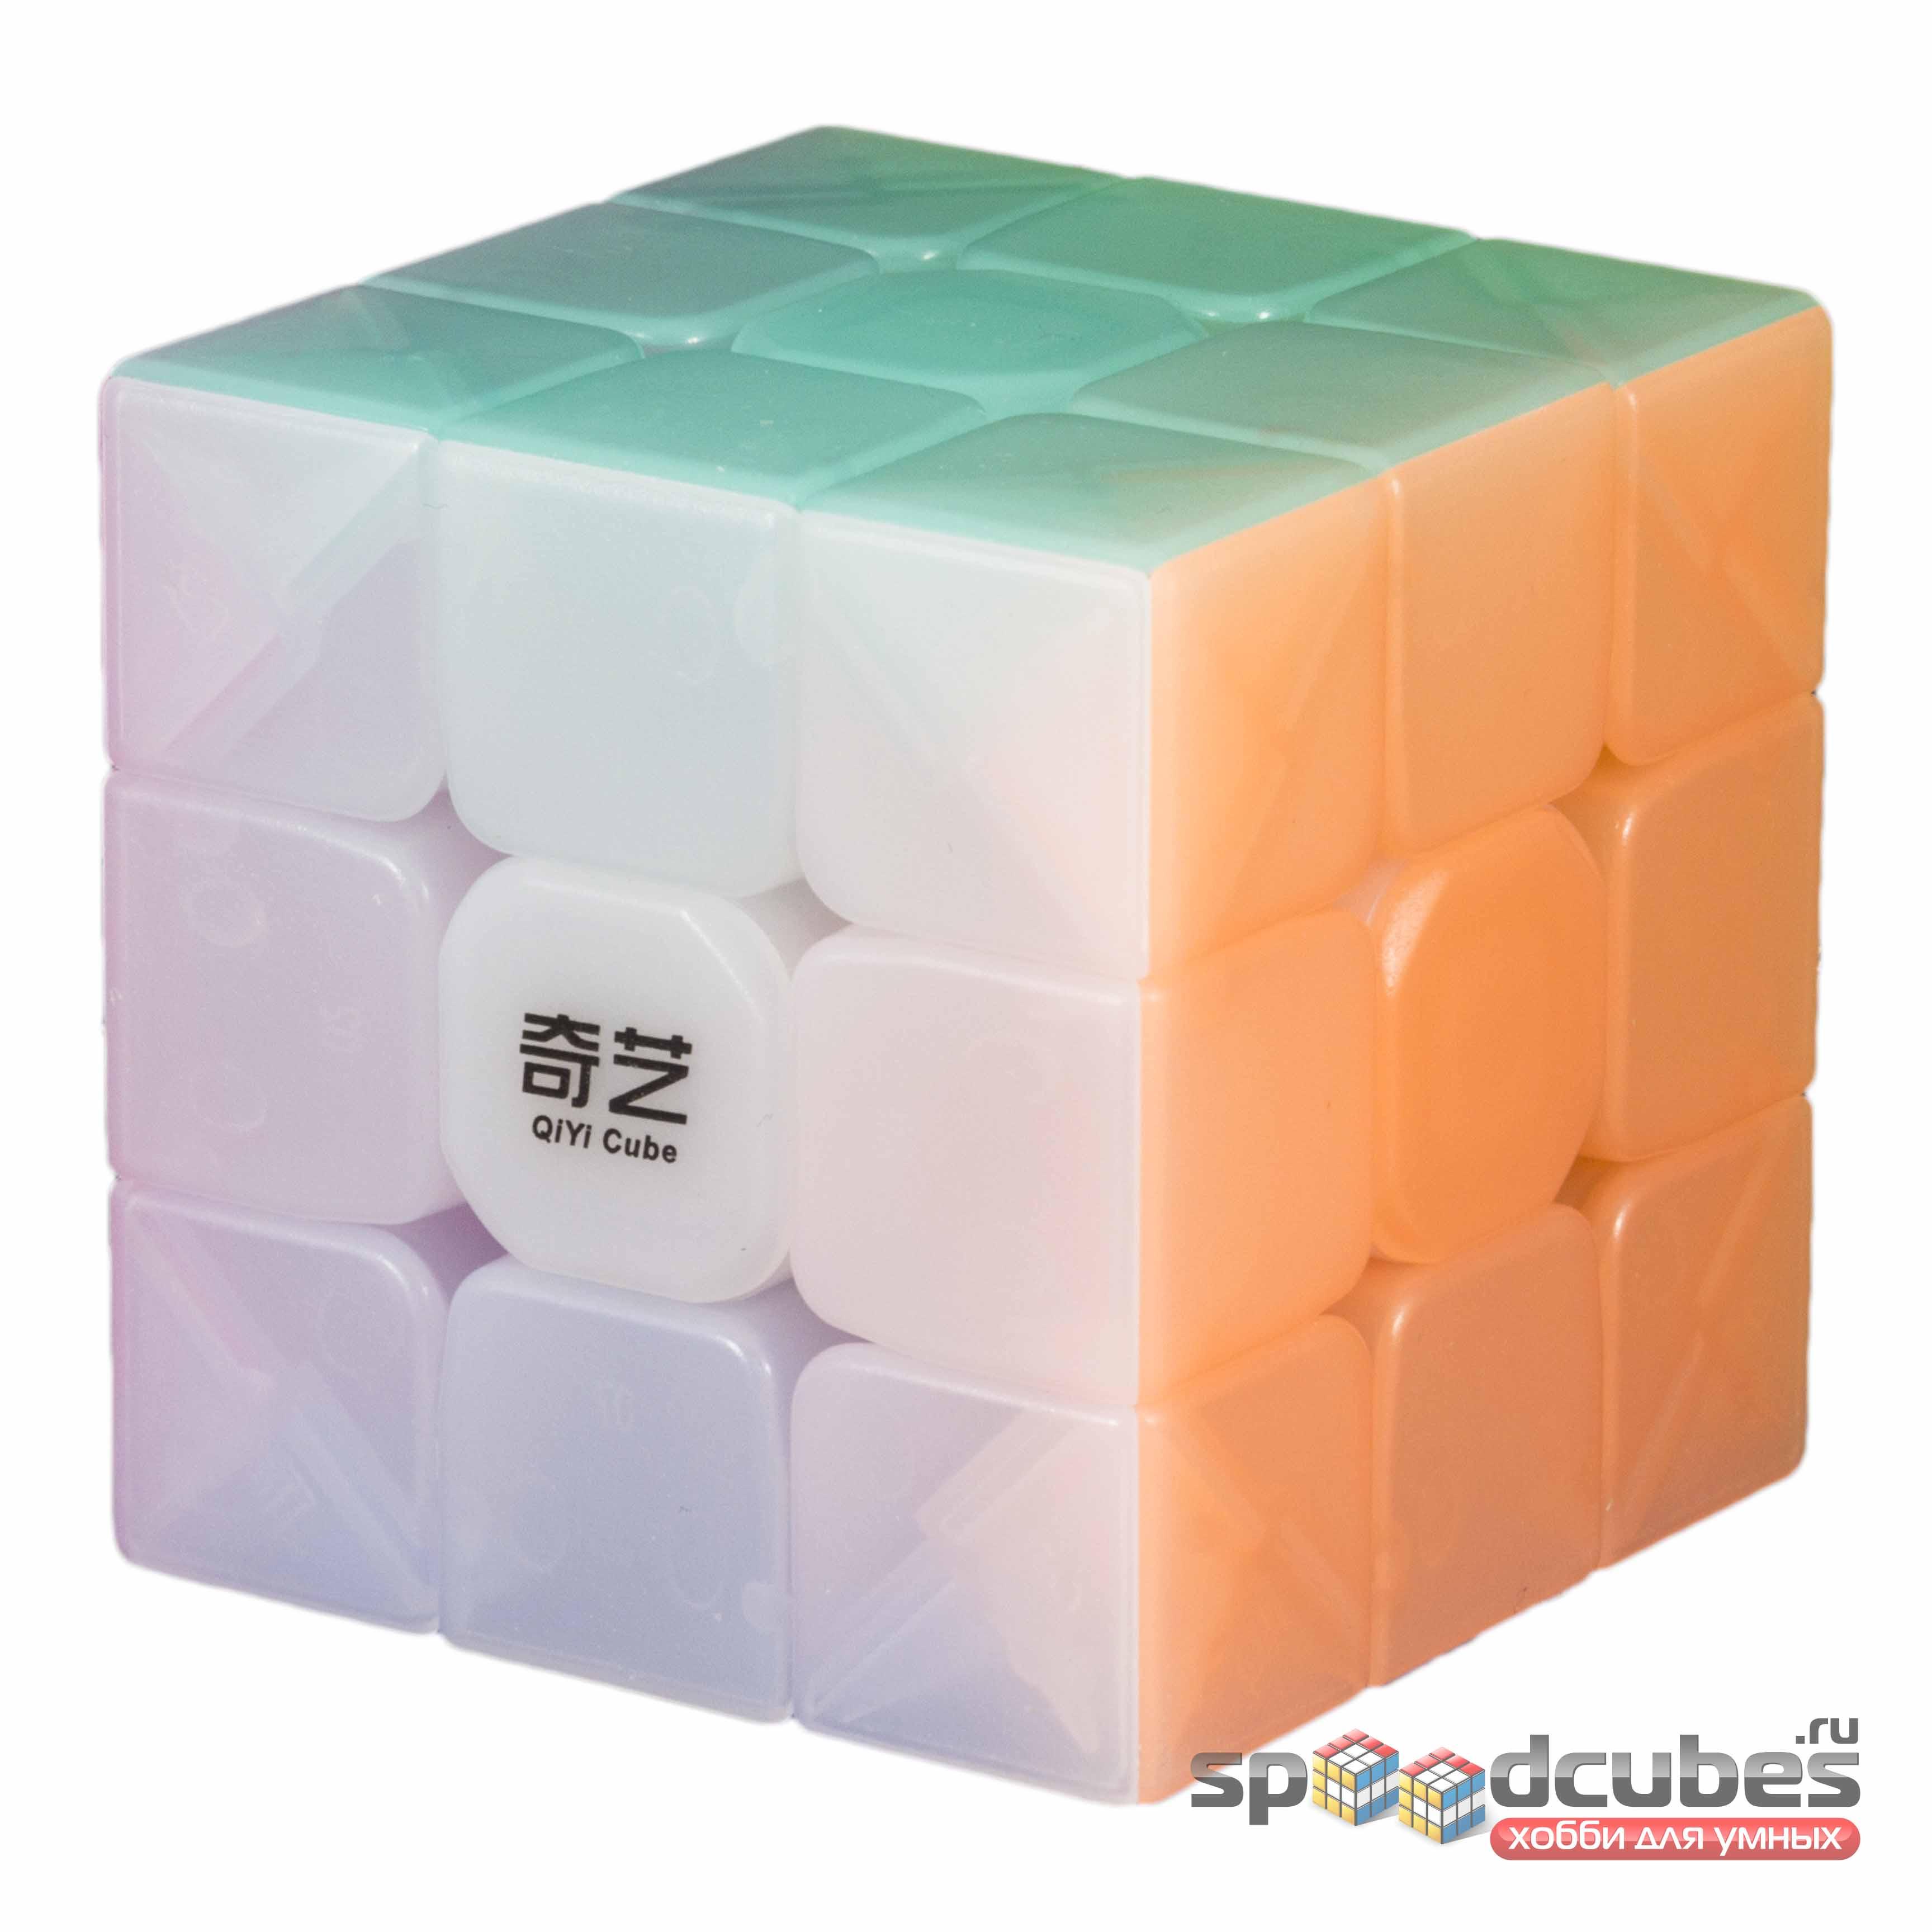 QiYi (MofangGe) 3x3x3 Jelly Cube